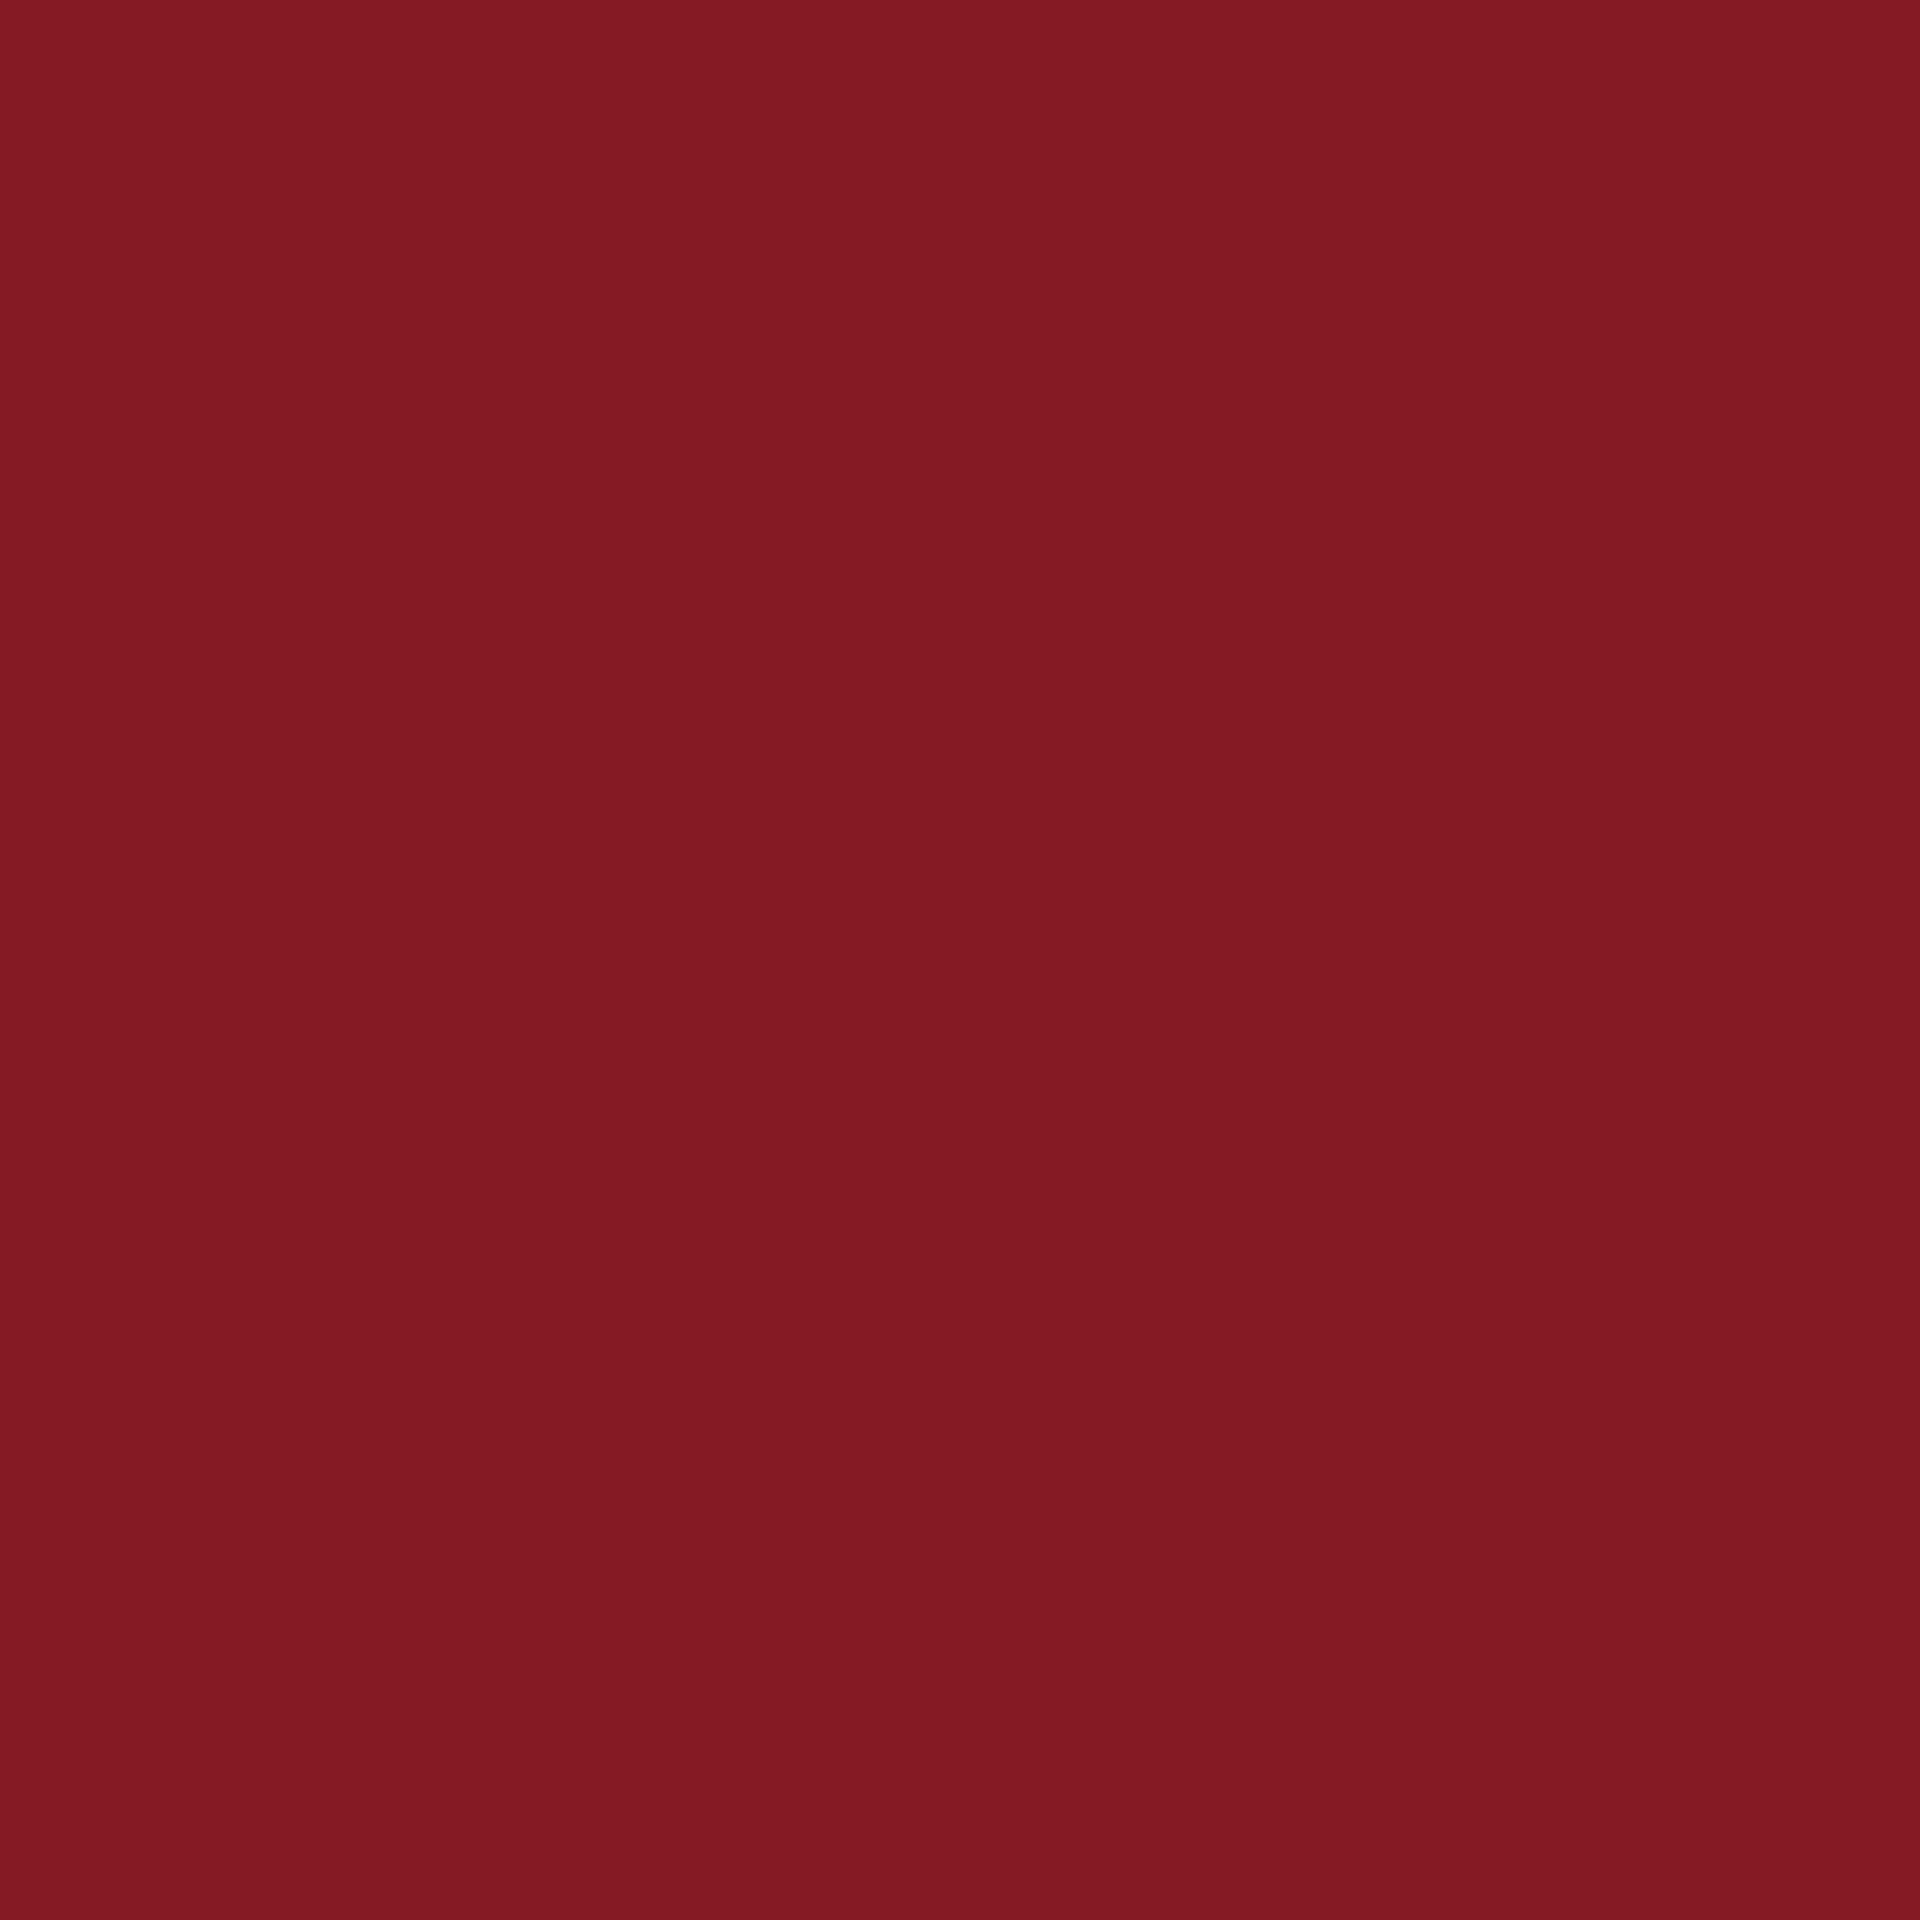 Červená RAL 3003